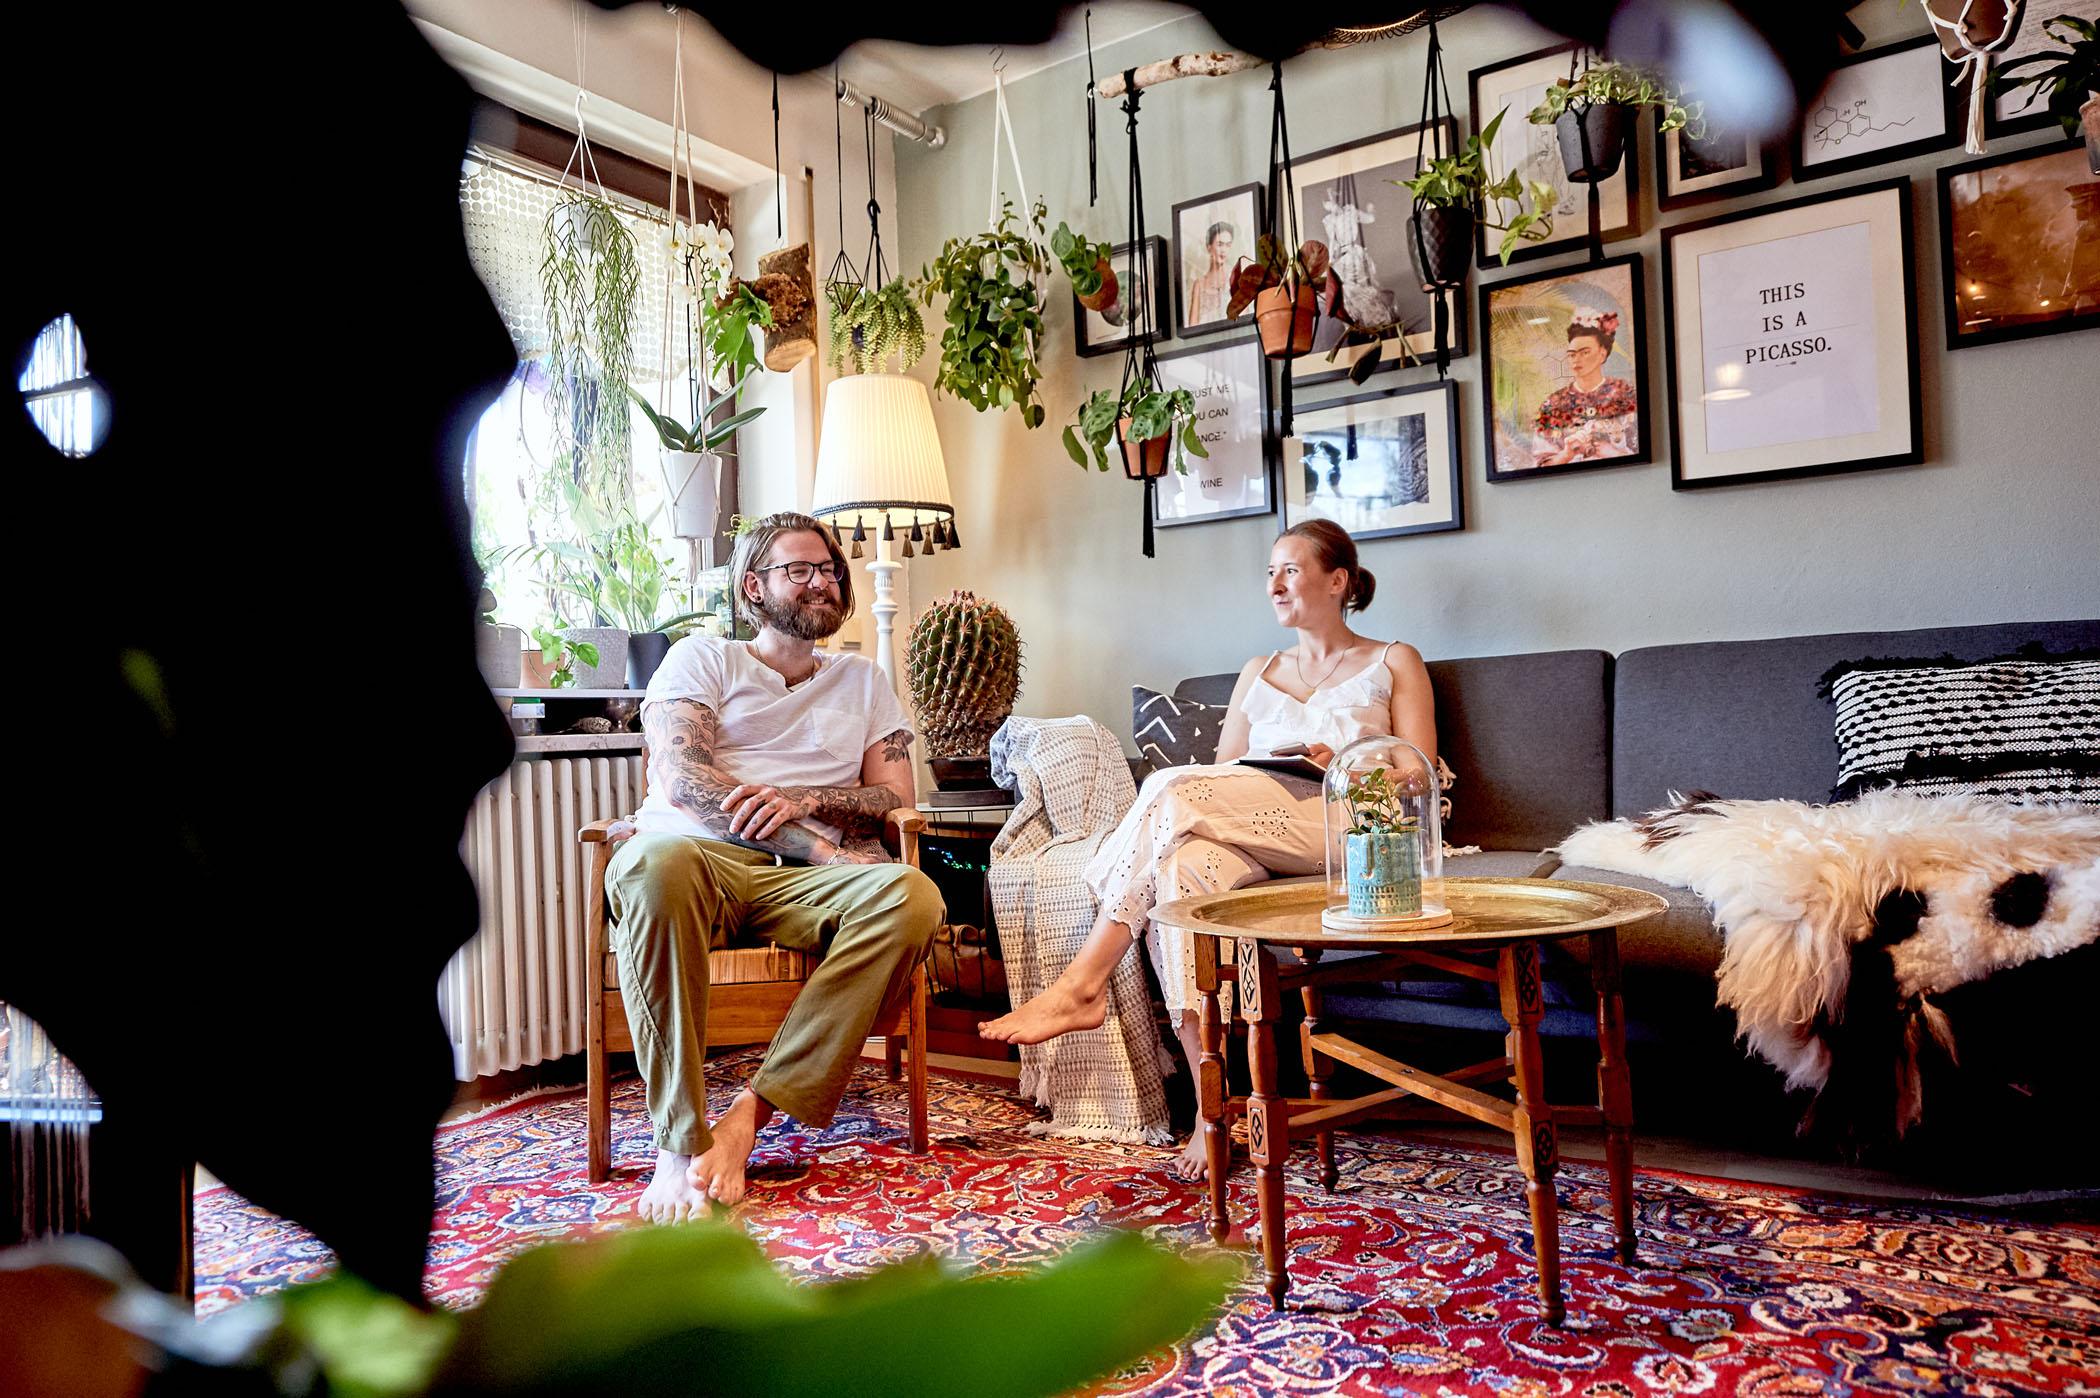 www.auen60.de, Portraitfotografie, Produktfotografie, Stilllifefotografie, Bewerbungsfotos